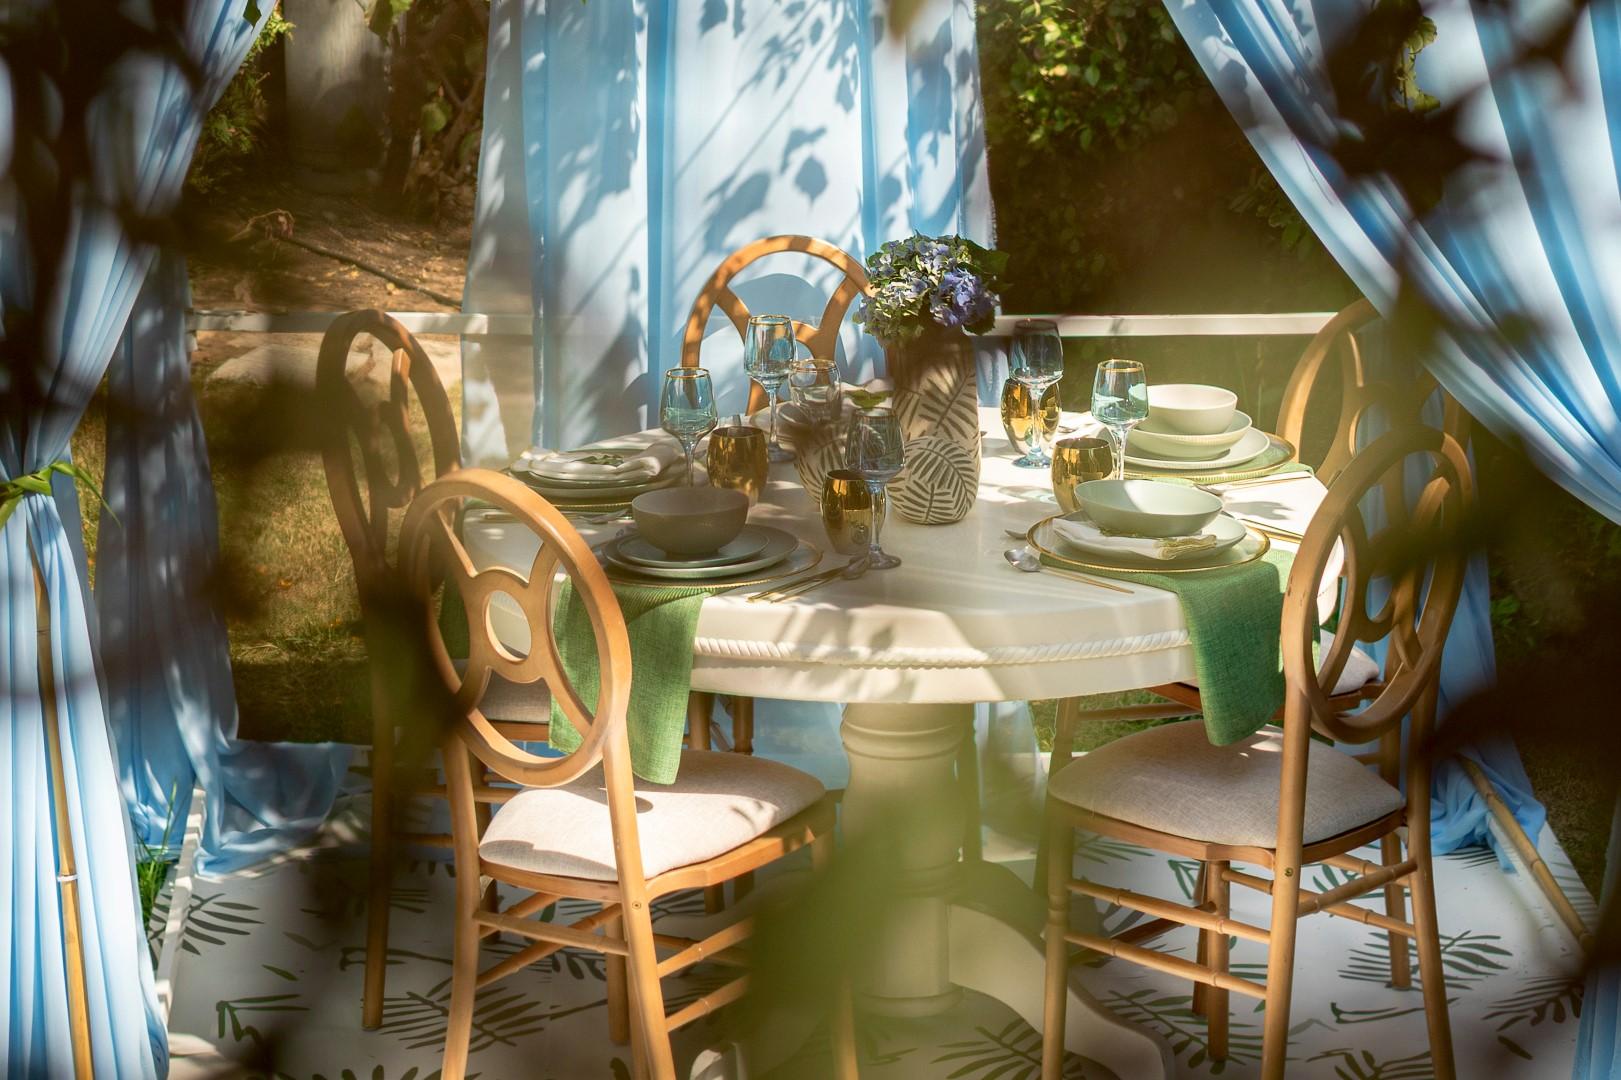 חוגגים סוכות- עיצוב סוכה ועריכת שולחן חג